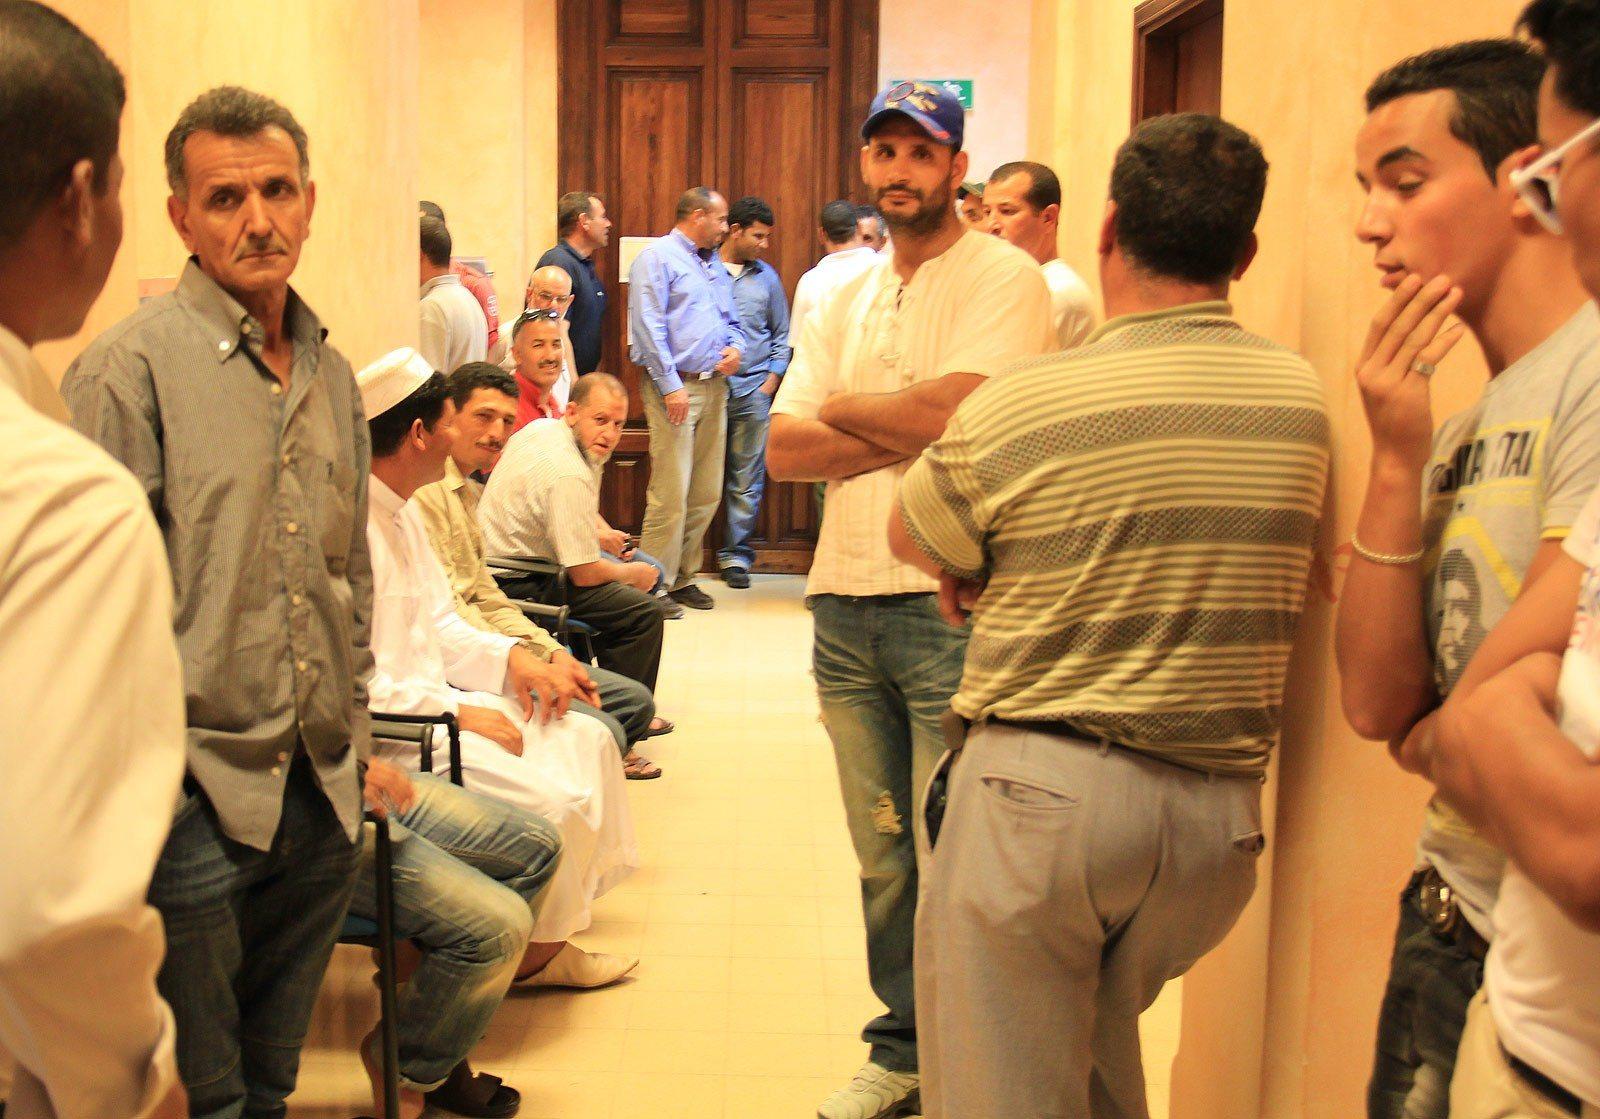 marocchini in fila stranieri immigrazione in coda